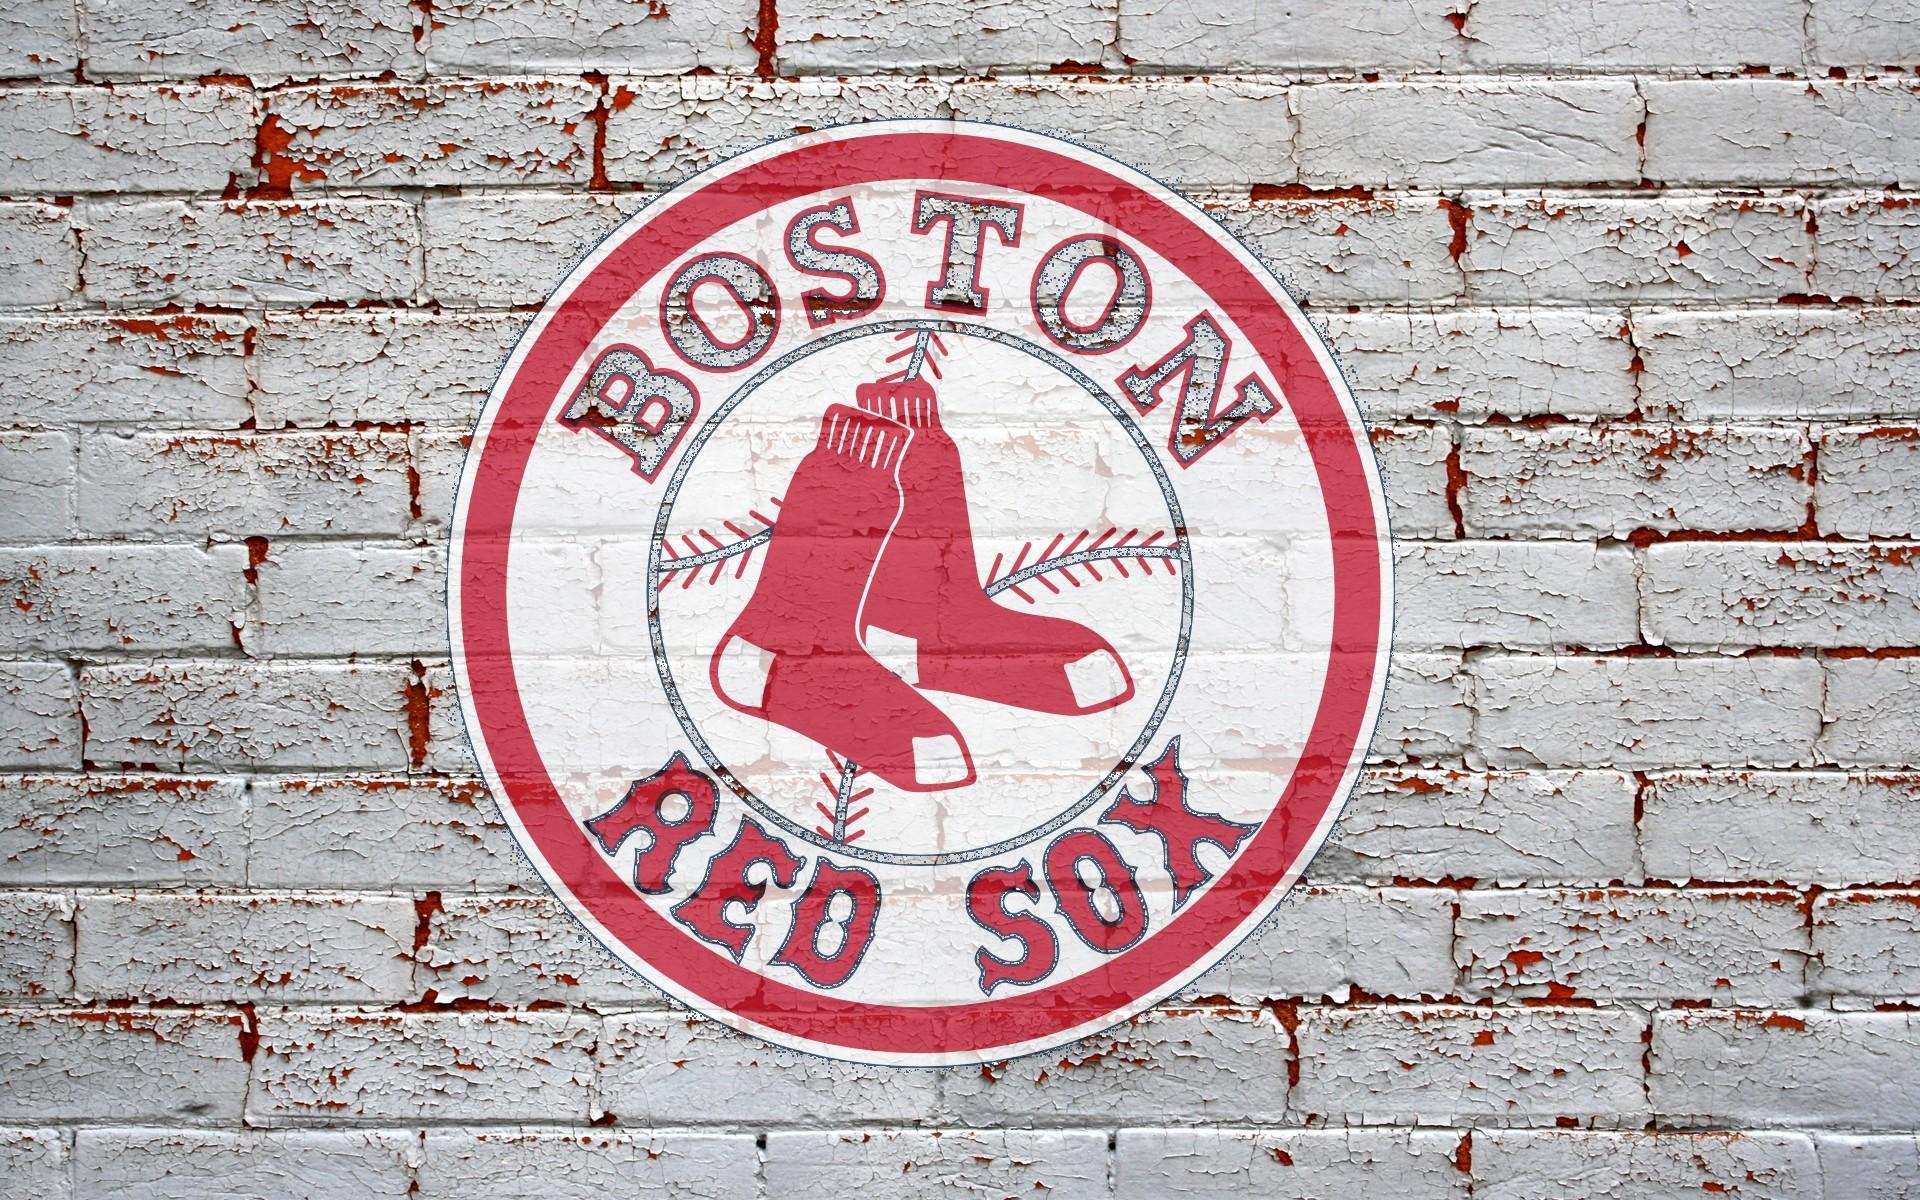 Red Sox wallpaper 1920x1200 54179 1920x1200